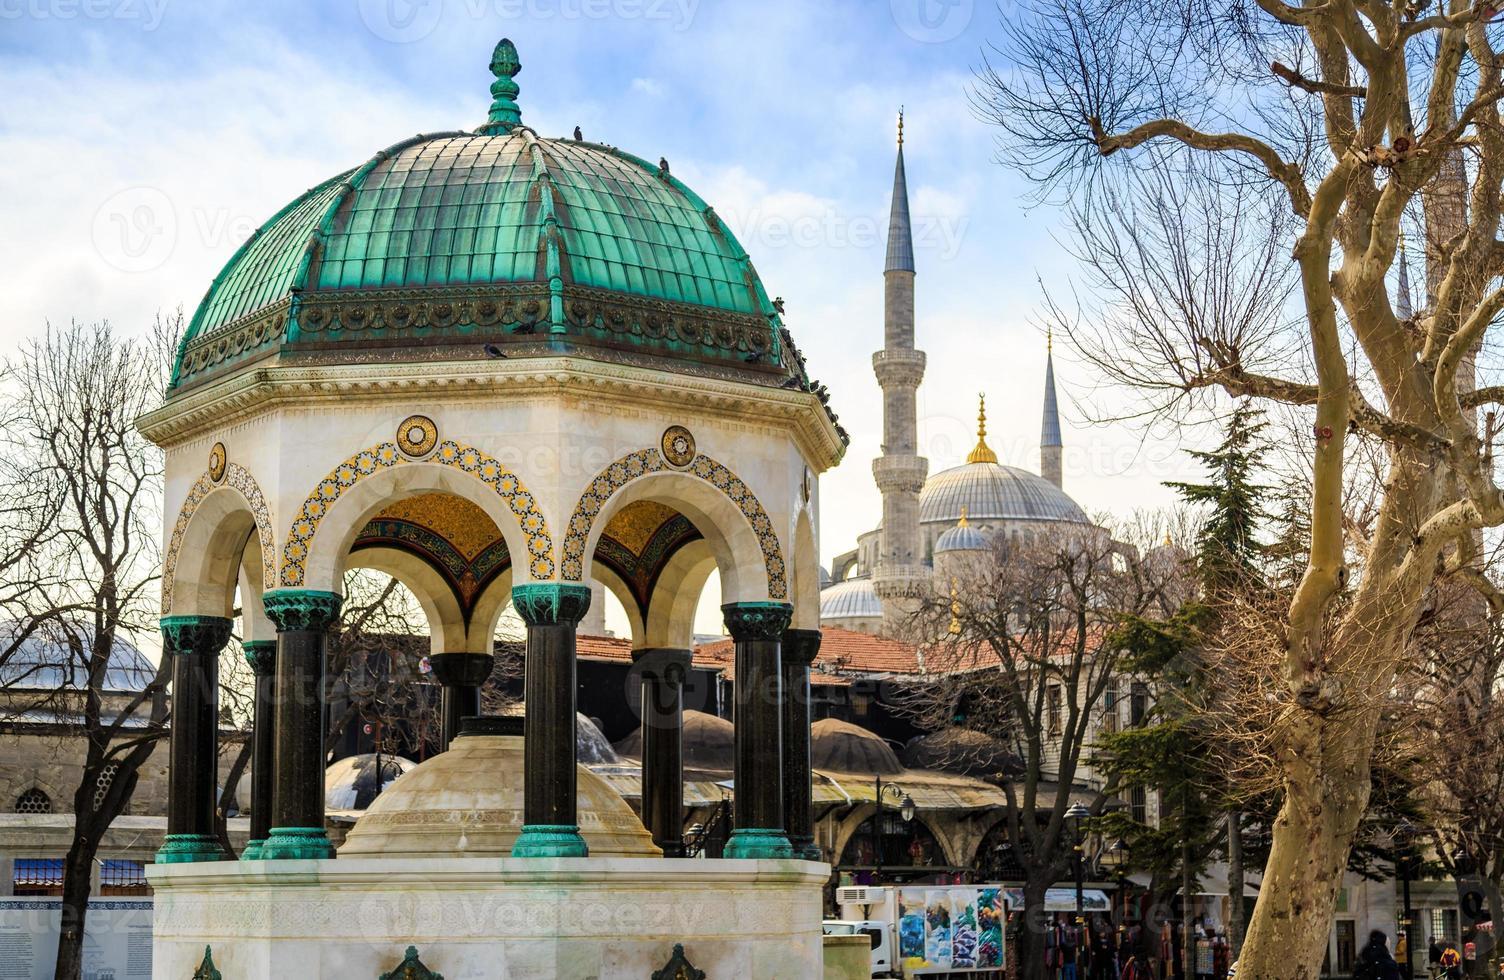 gammalt monument i istanbul. foto